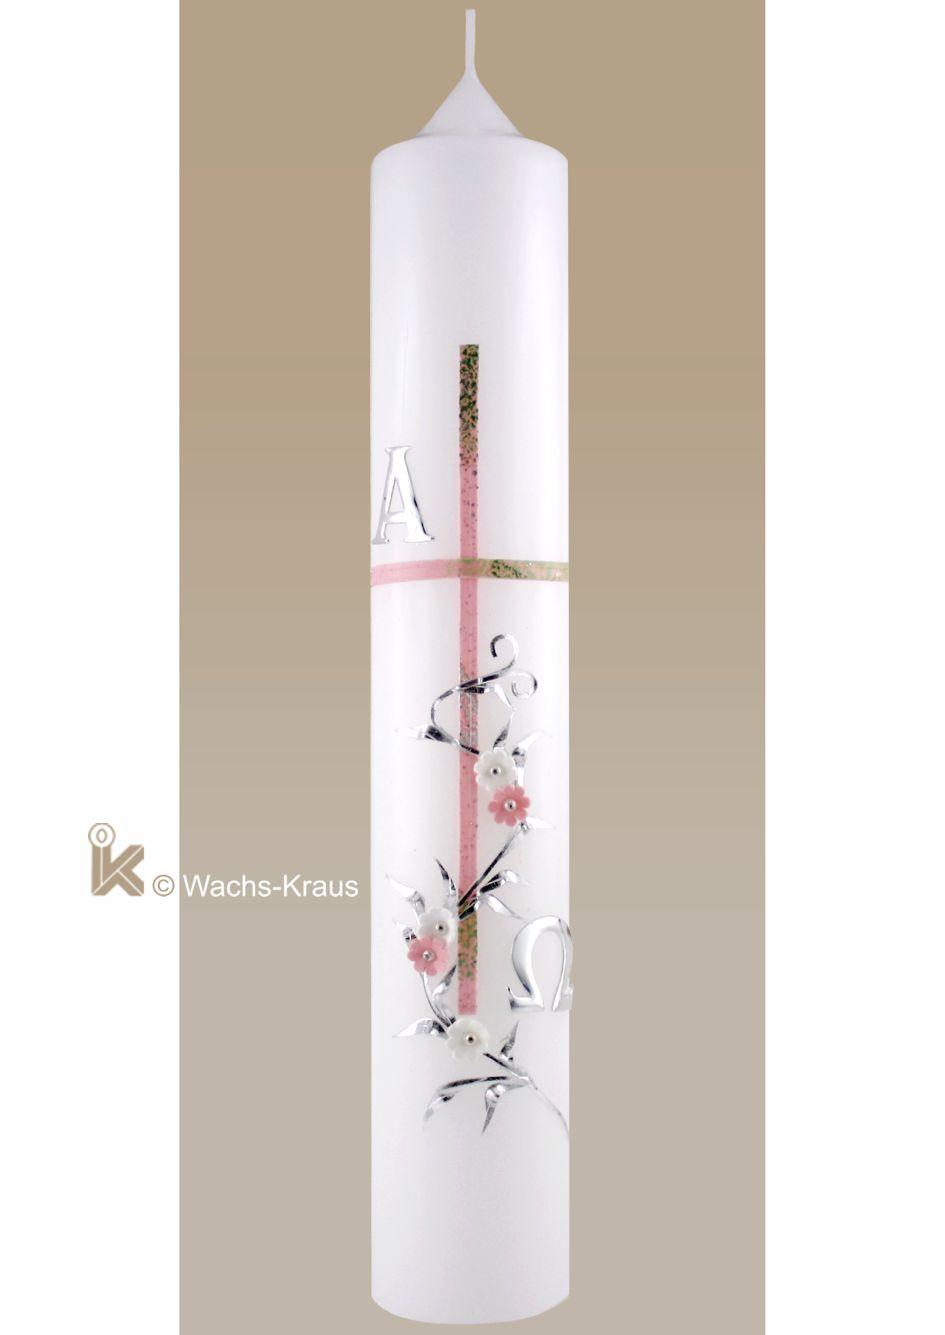 Taufkerze Vintage-Style für Mädchen. rosa-marmoriertes Kreuz, Alpha und Omega, Blumenranke mit kleinen, weißen und rosa Blüten.